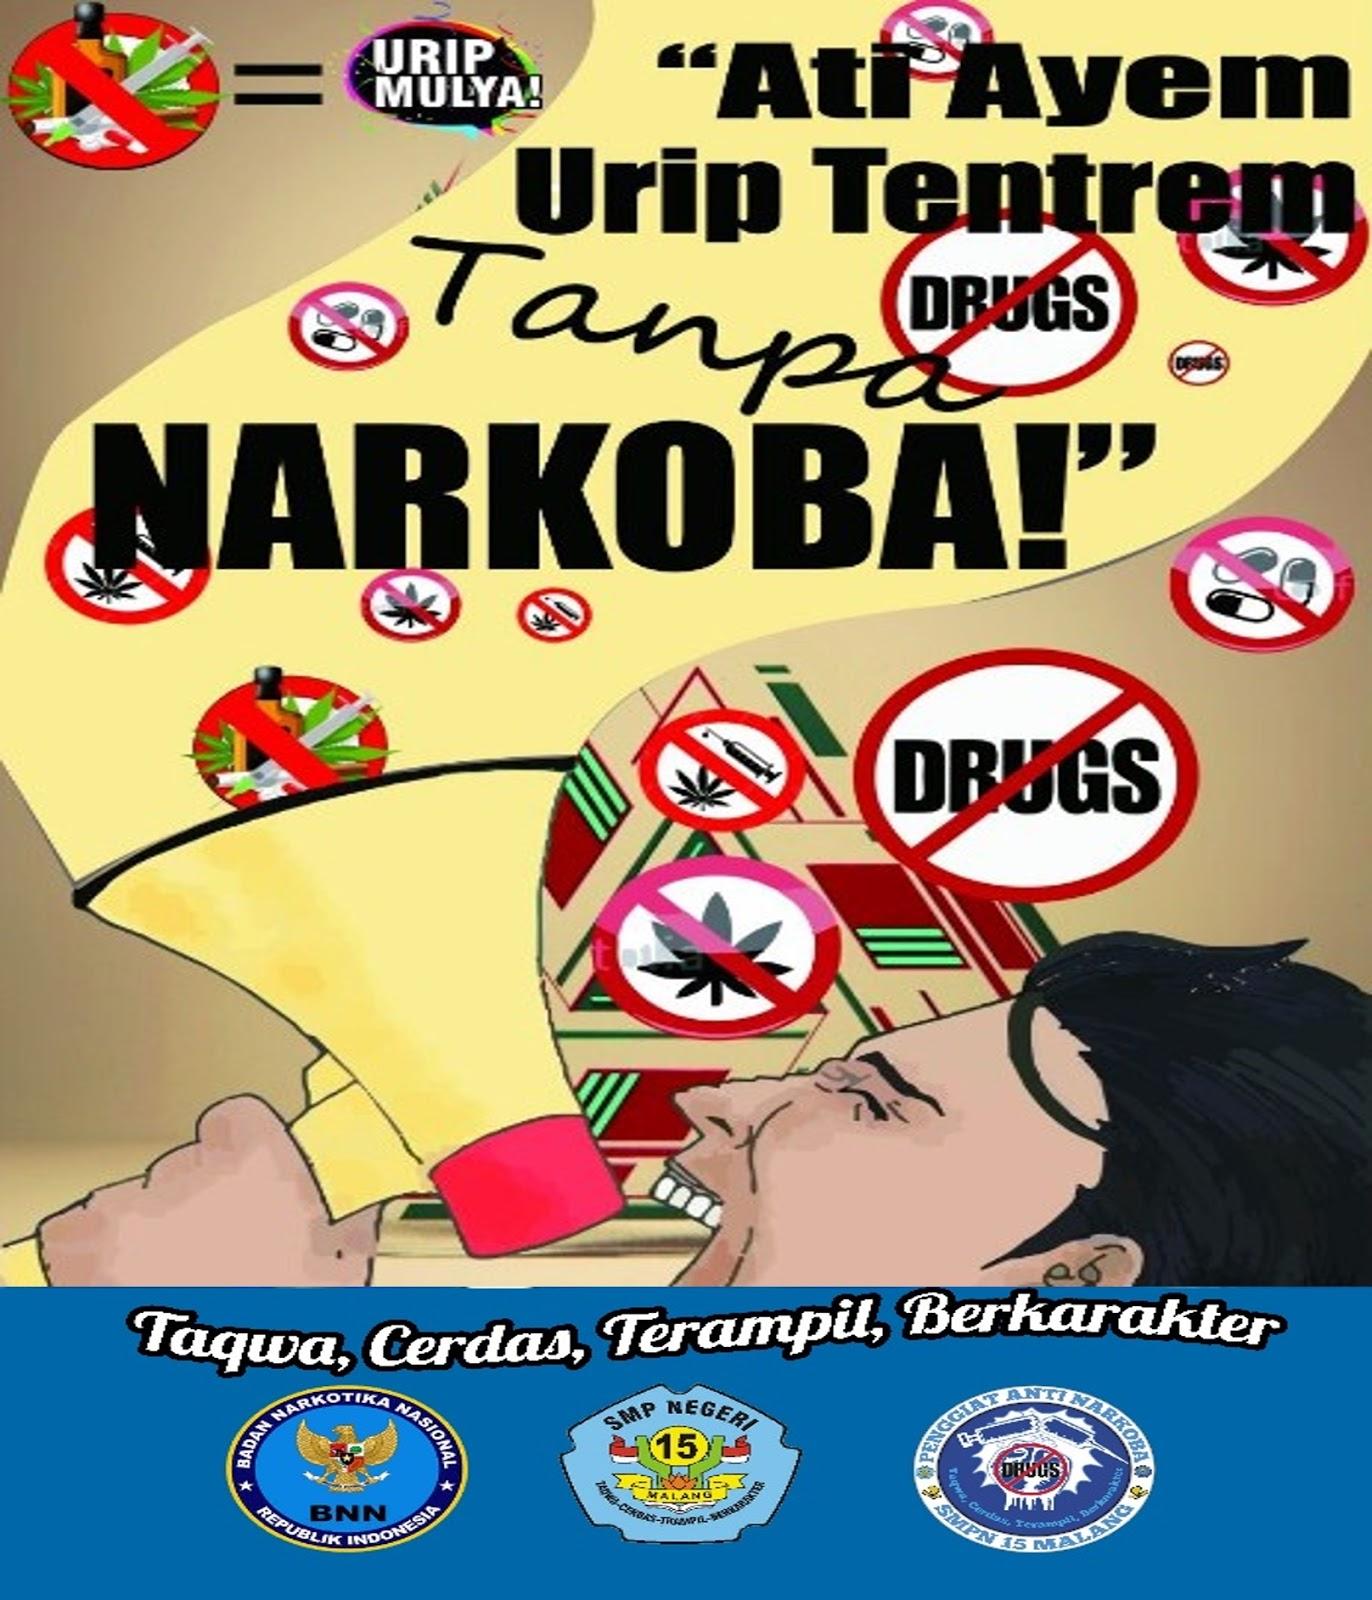 Contoh Poster Larangan Narkoba Eye Candy Photograph